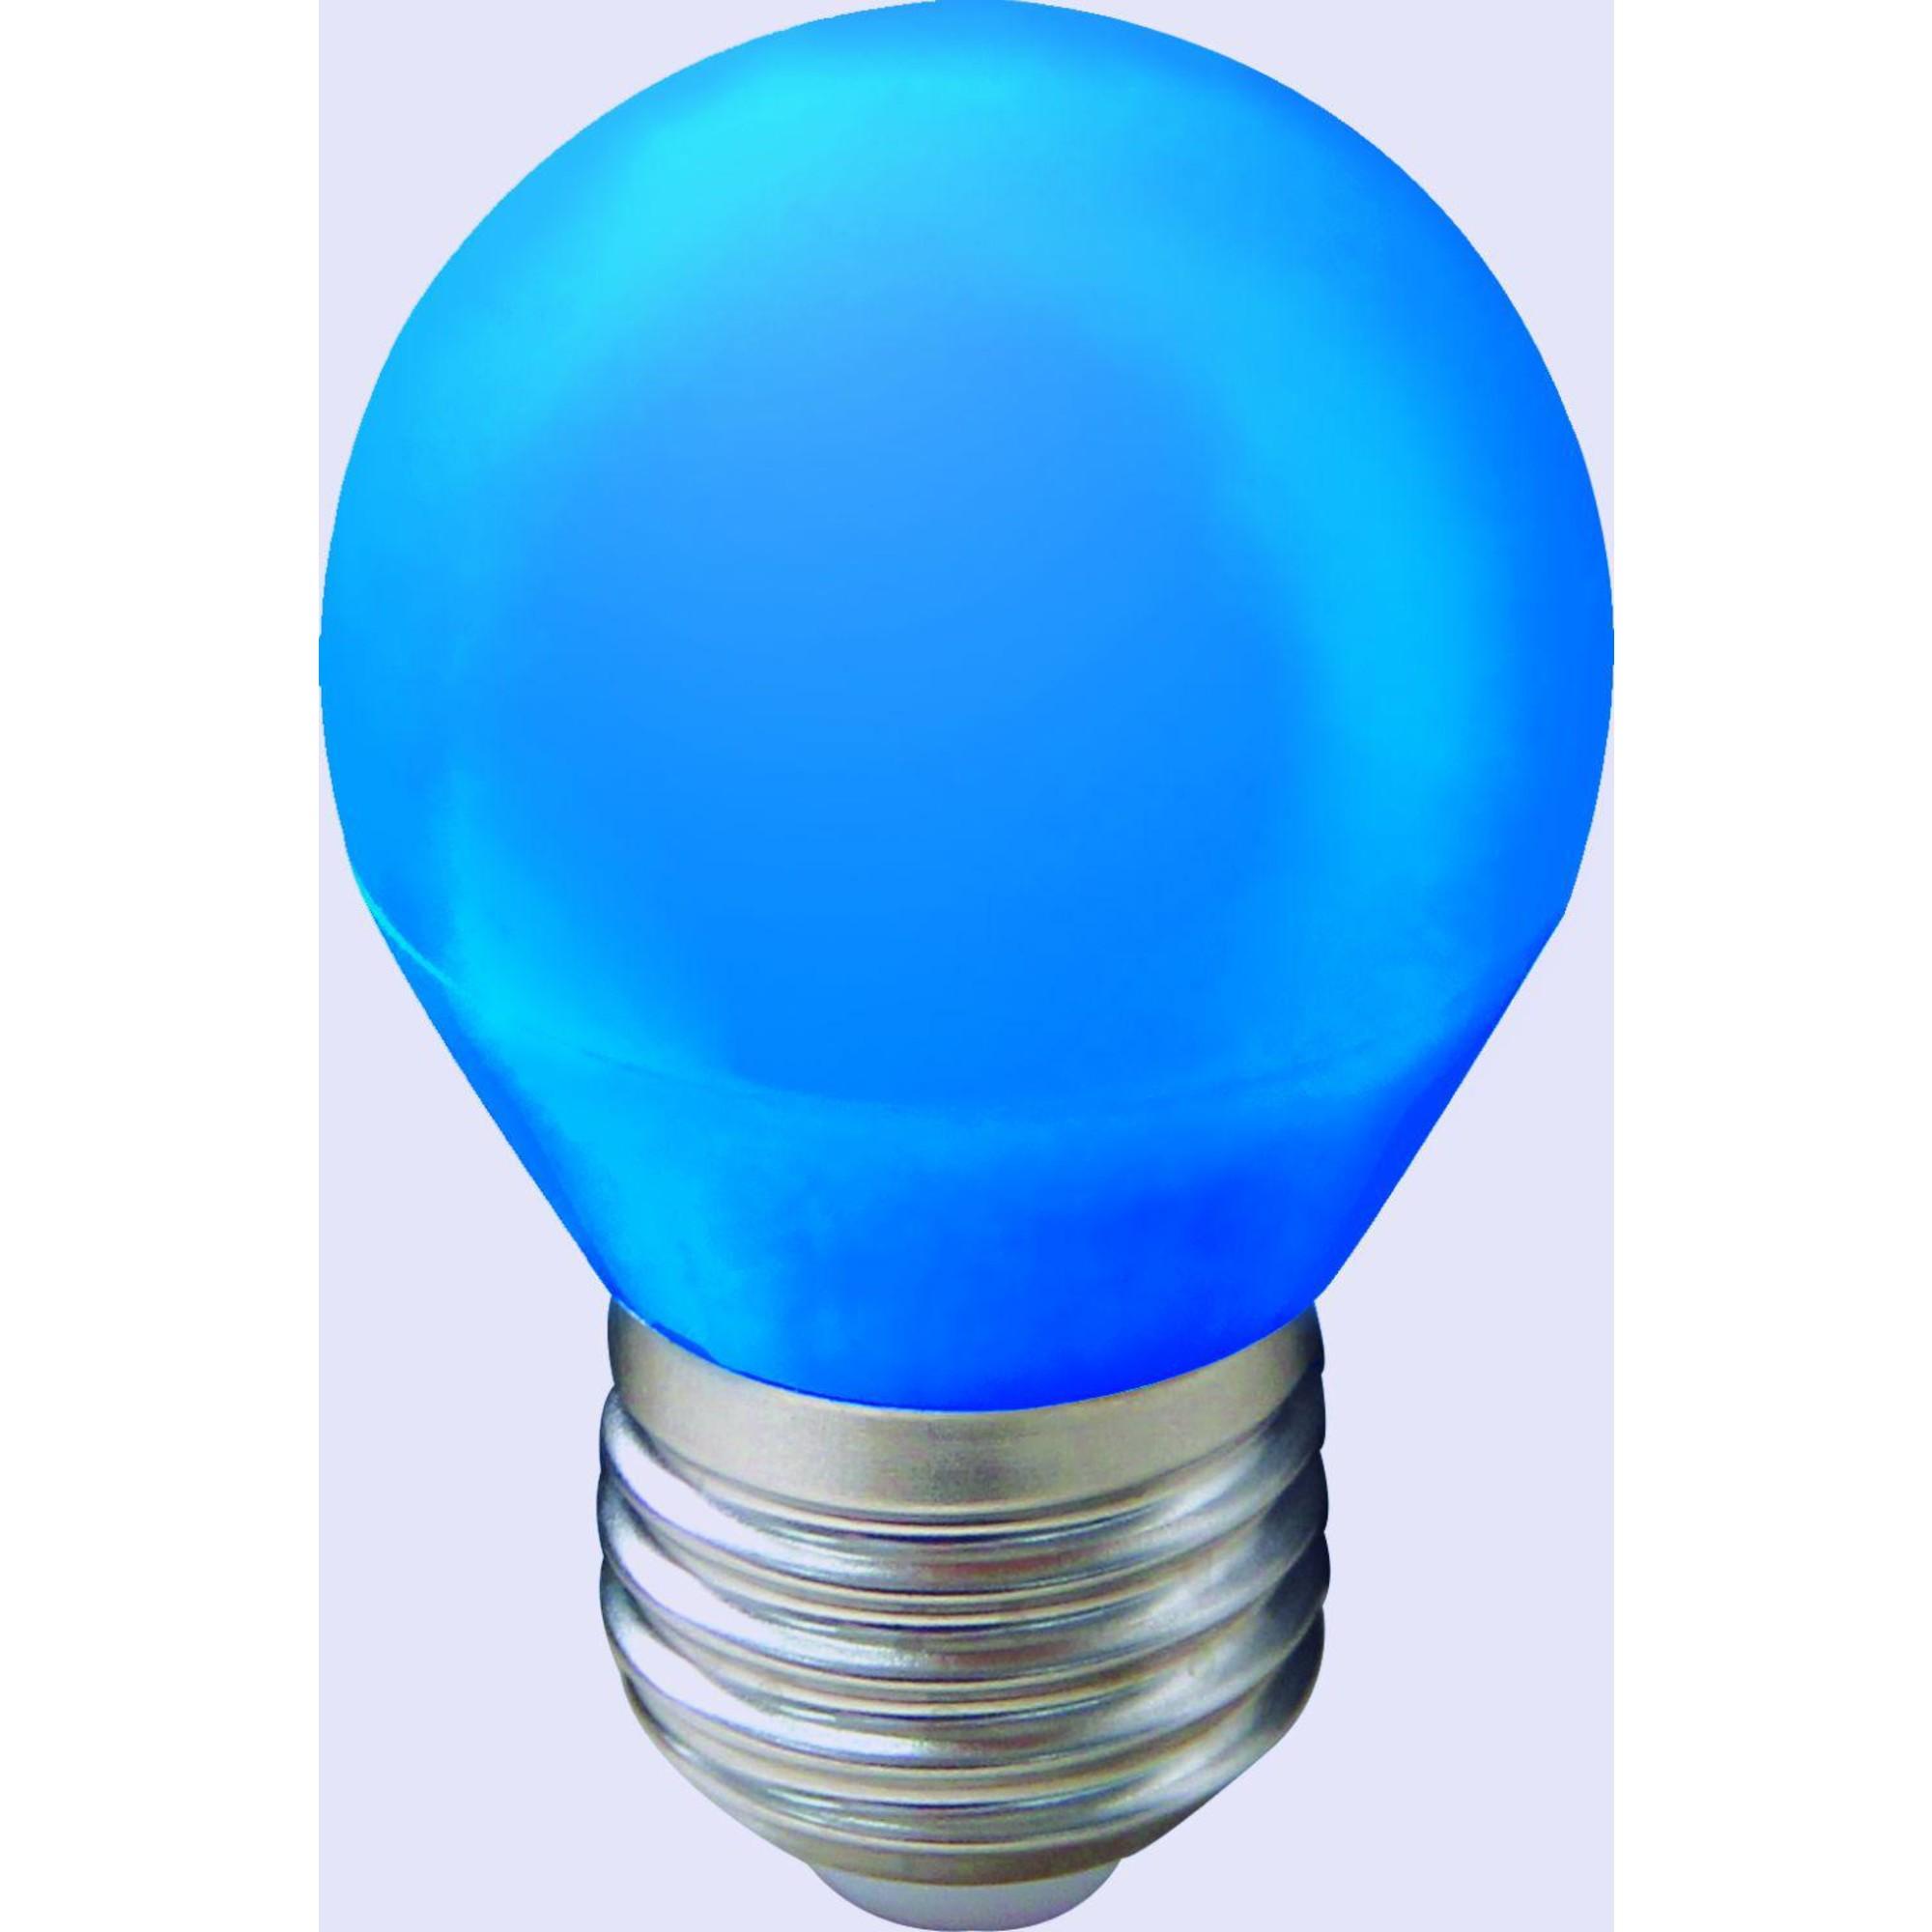 Лампа Ecola стандарт светодионая E27 5 Вт шар Лм холодный свет